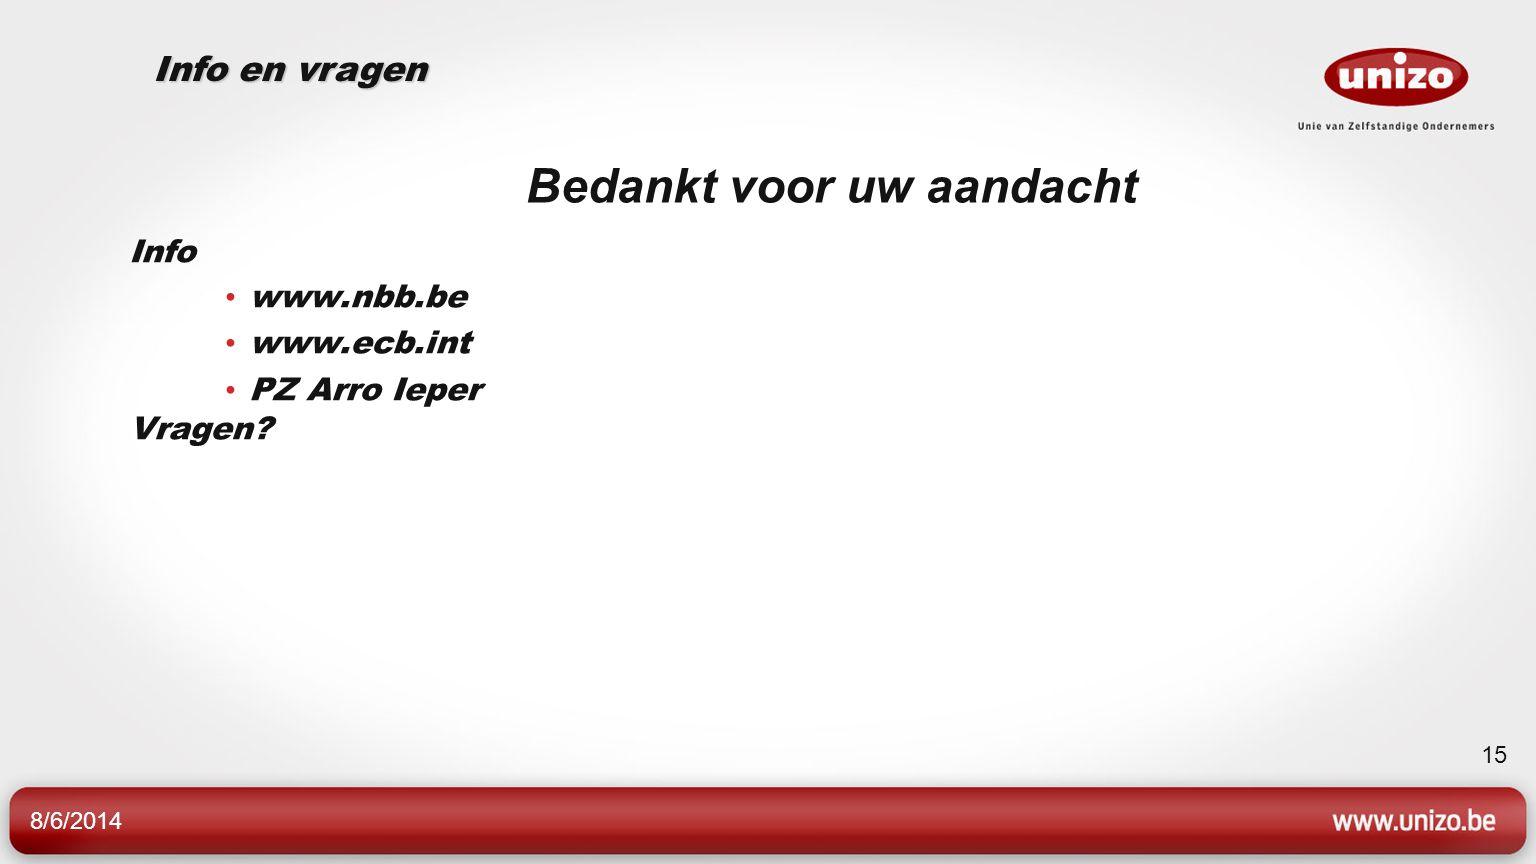 8/6/2014 15 Bedankt voor uw aandacht Info www.nbb.be www.ecb.int PZ Arro Ieper Vragen? Info en vragen